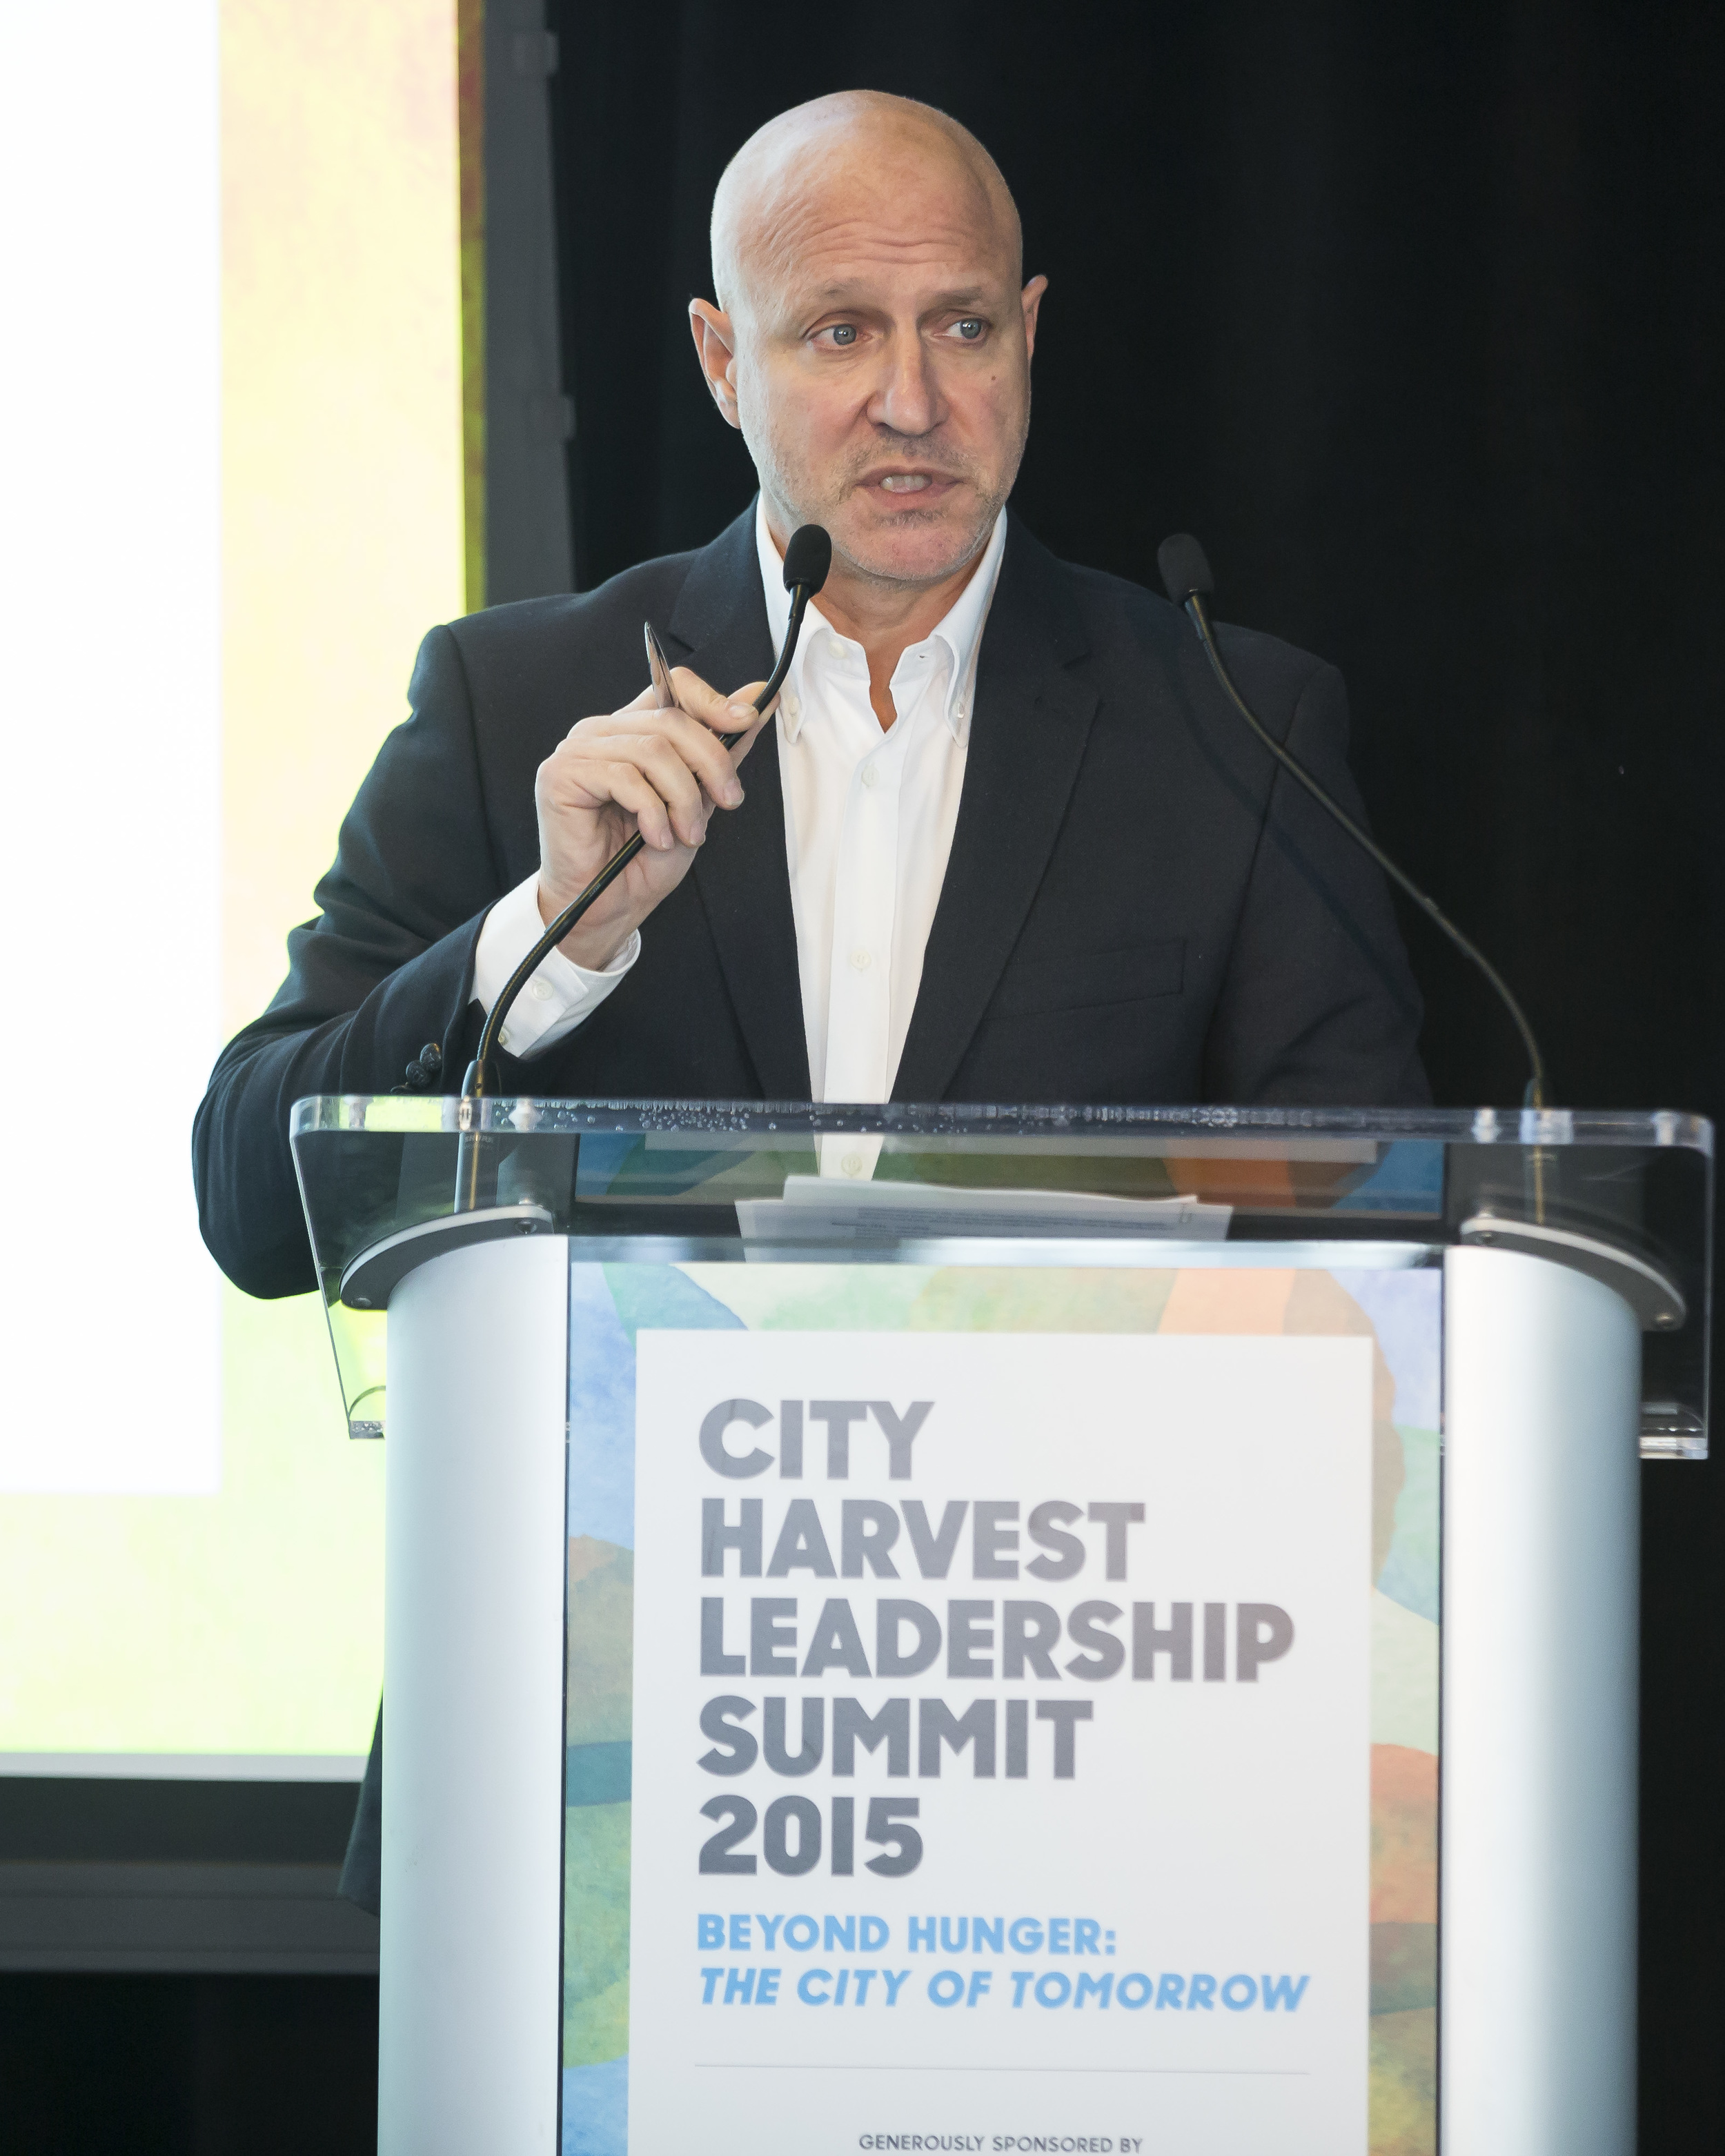 City Harvest Leadership Summit 2015